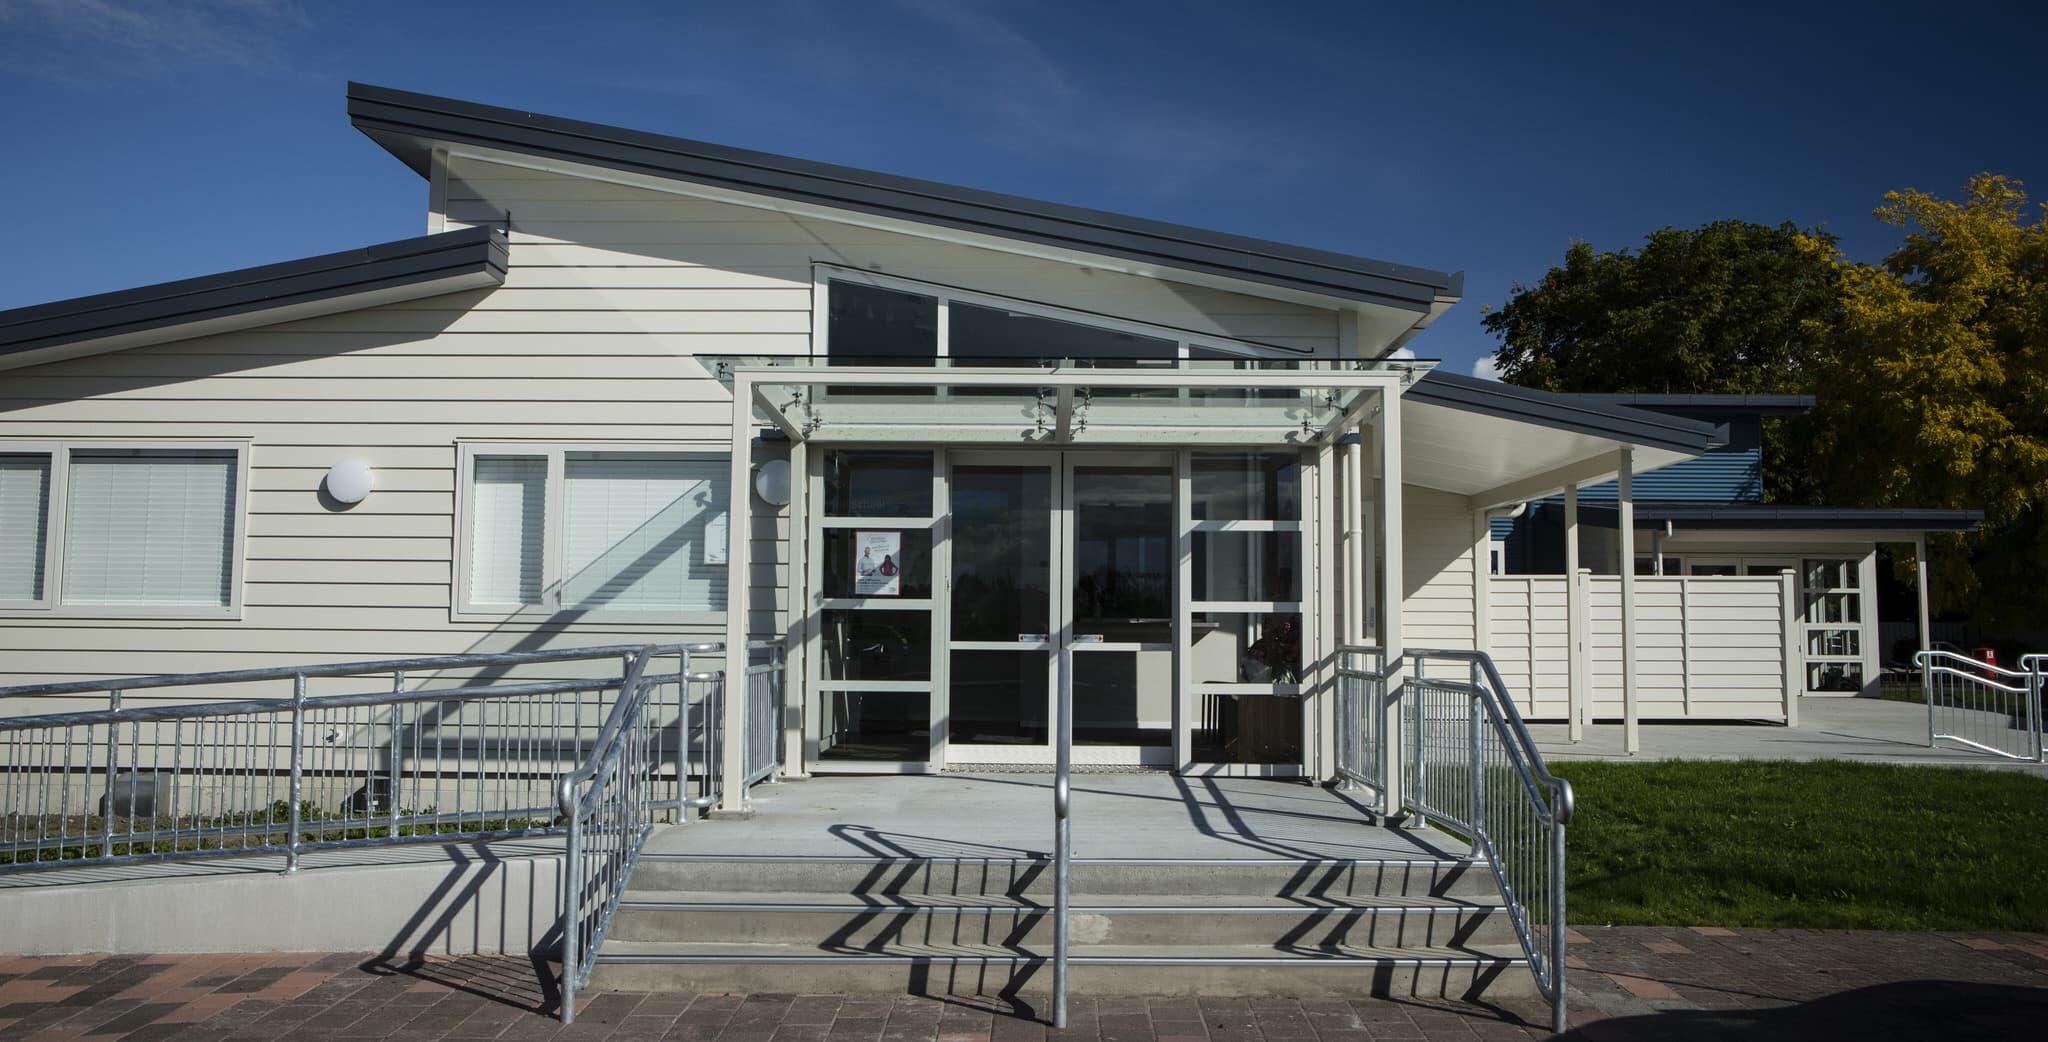 Henry Hill School - Exterior 1